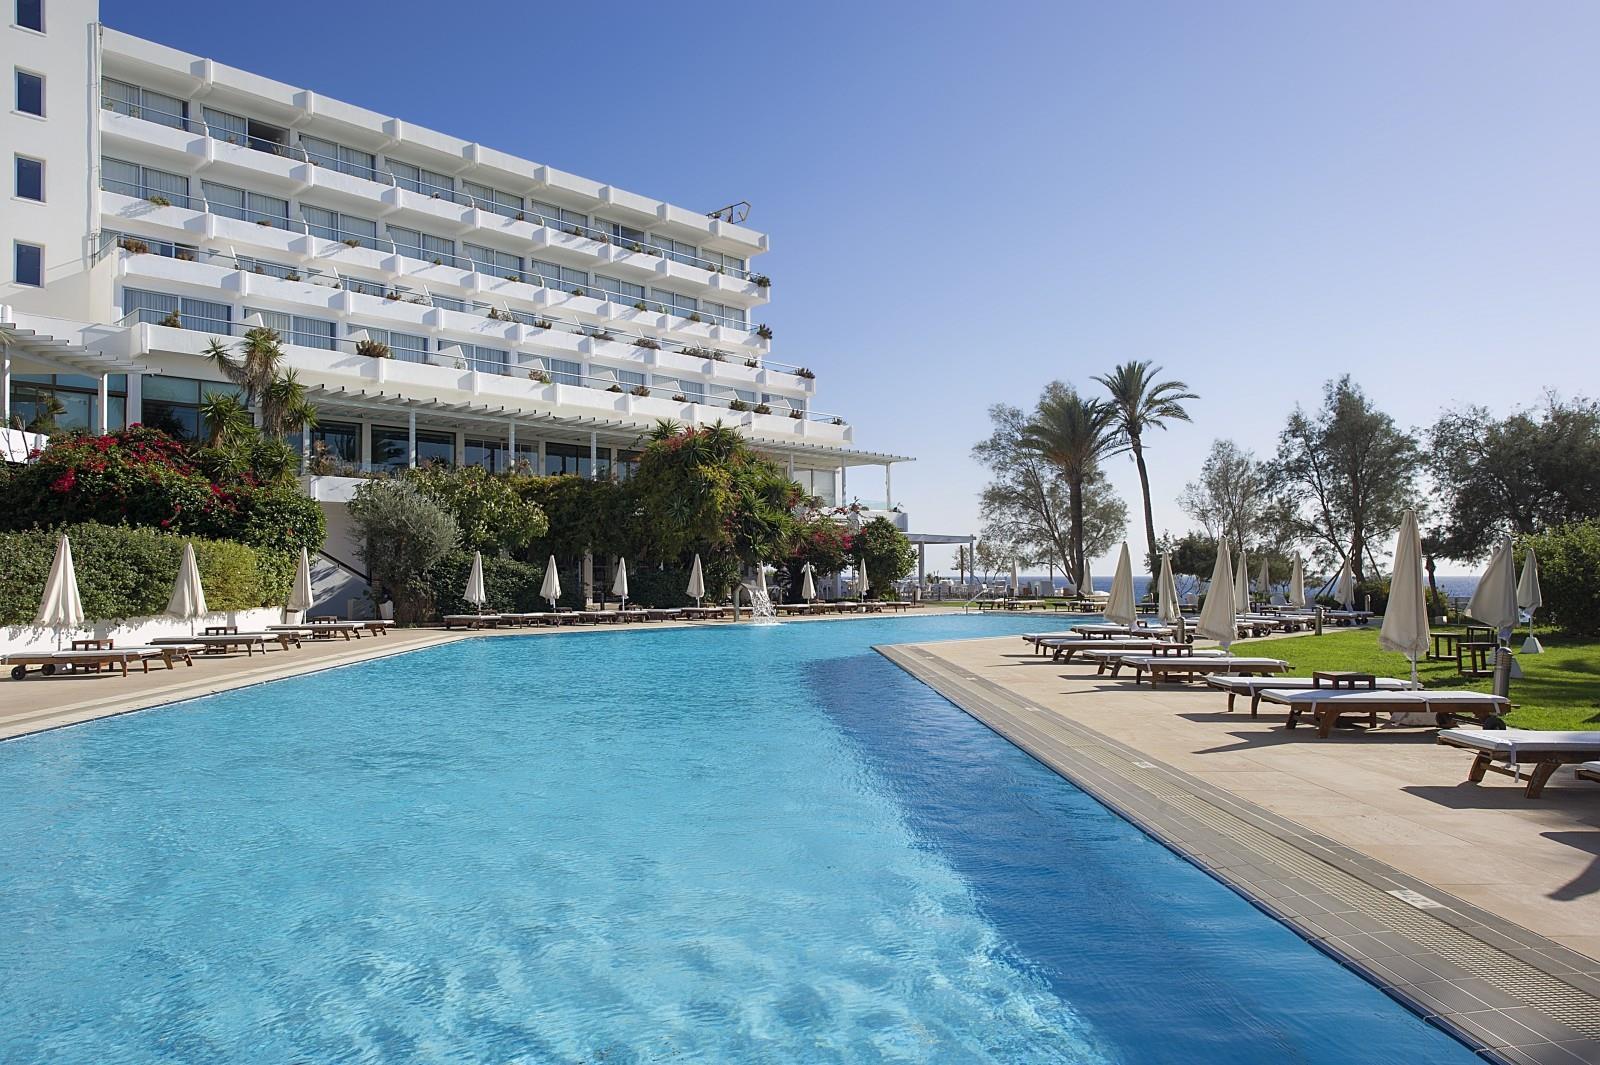 Кипр отель грециан сандс отзывы фото